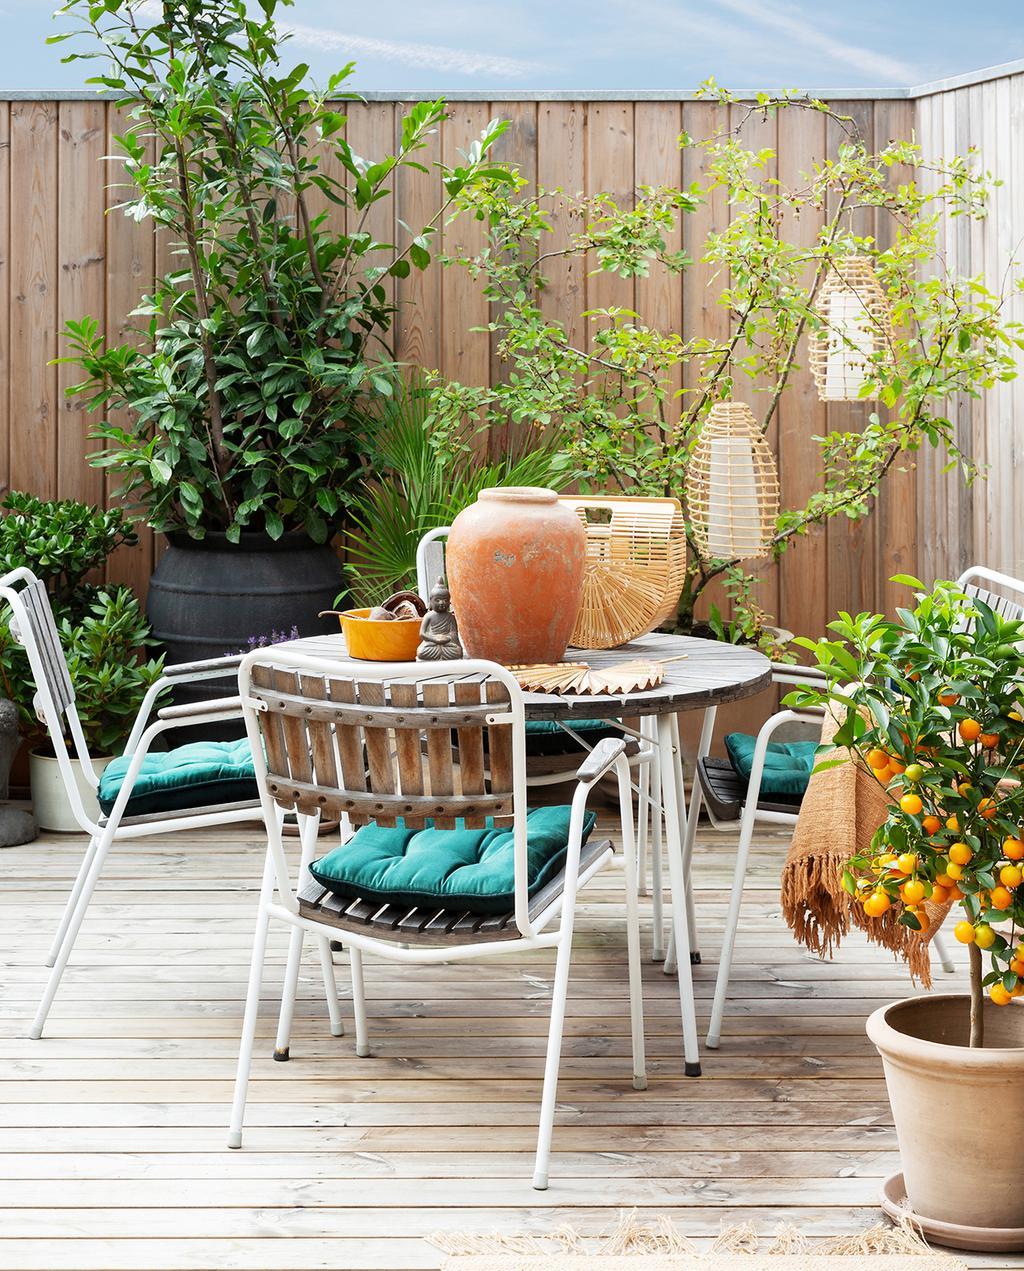 vtwonen tuin special 2 2020 | wit staal stoelen met hout aan tuintafel Buitenkijken Kopenhagen